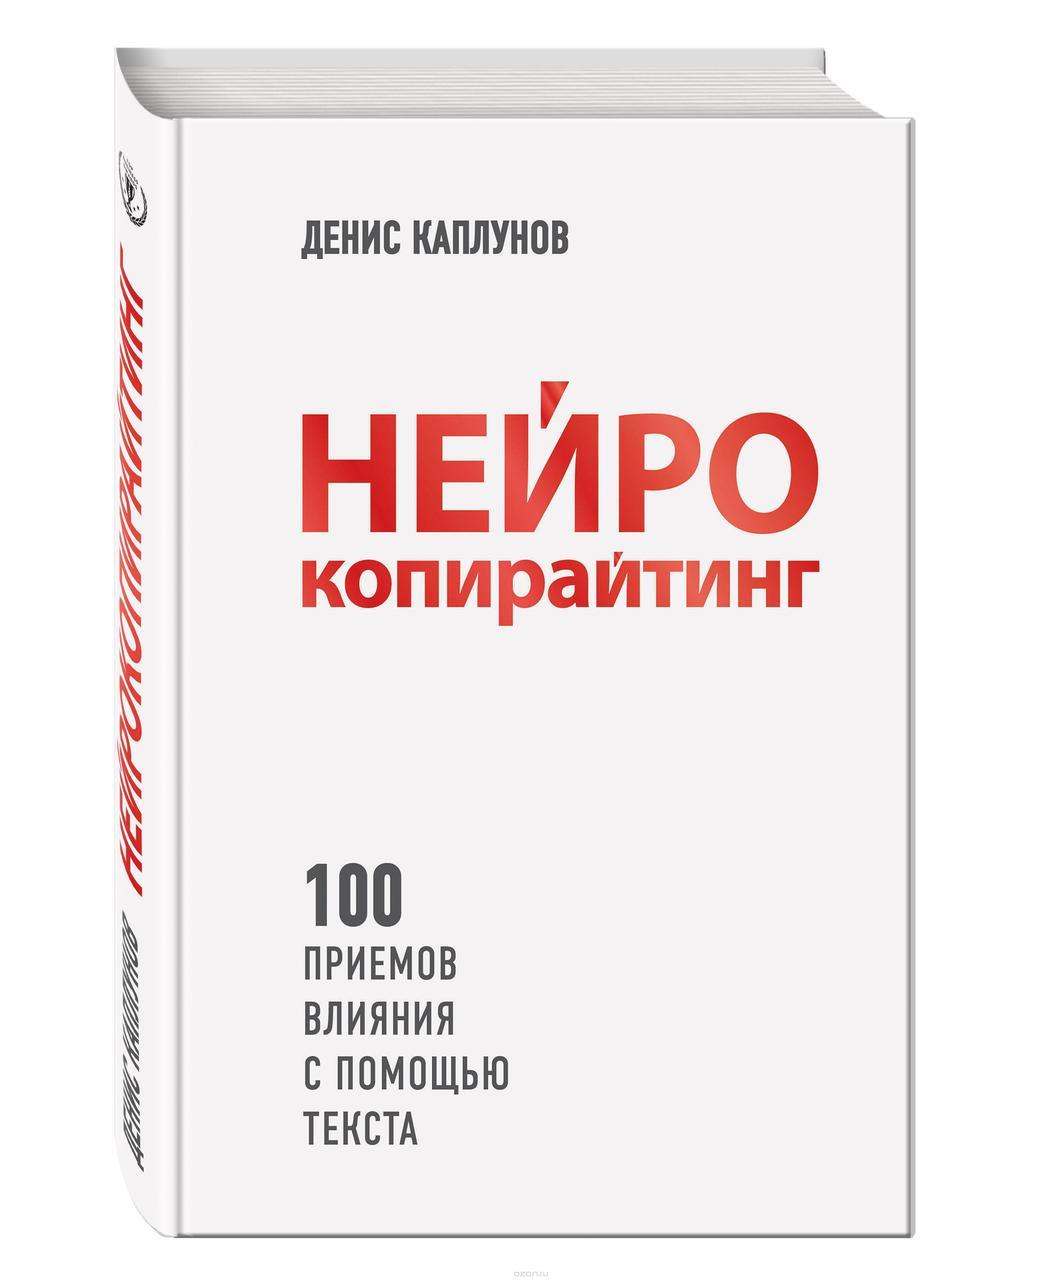 Д.Каплунов. Нейрокопирайтинг. 100 приёмов влияния с помощью текста